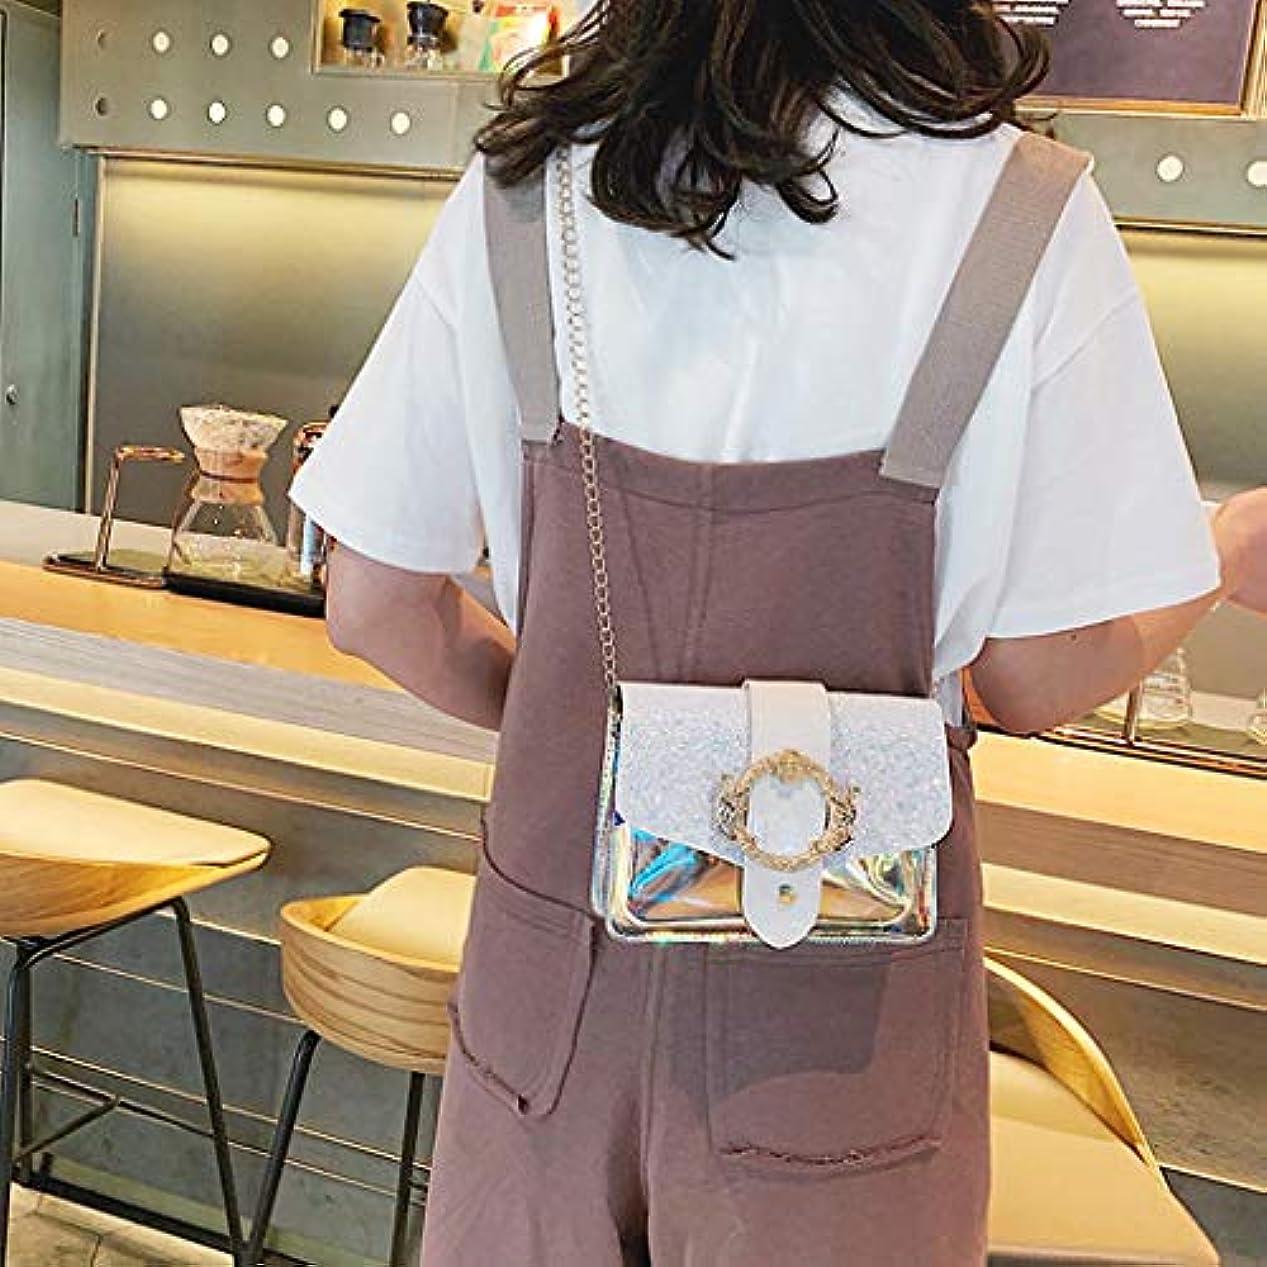 ベルベット呼吸するミトン新しい女性のファッションコントラストカラー対角パッケージスパンコールショルダーバッグチェーンバッグ、女性のファッションスパンコールコントラストカラーショルダーバッグチェーンバッグ、ワイルドショルダーバッグチェーンバッグ...